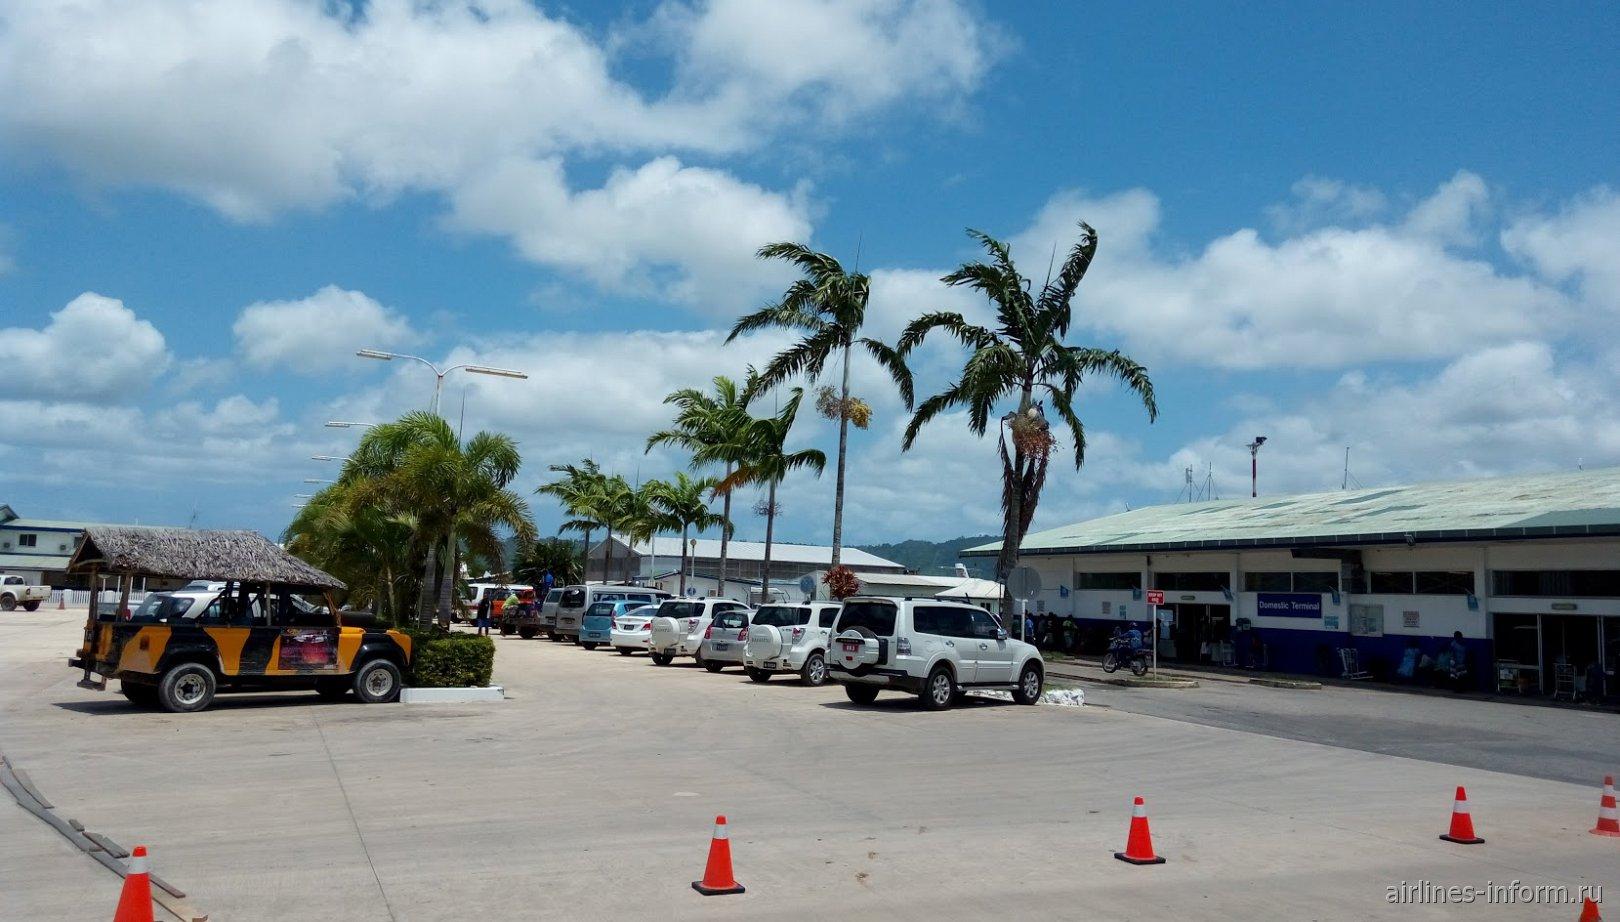 Терминал внутренних авиалиний аэропорта Порт-Вила